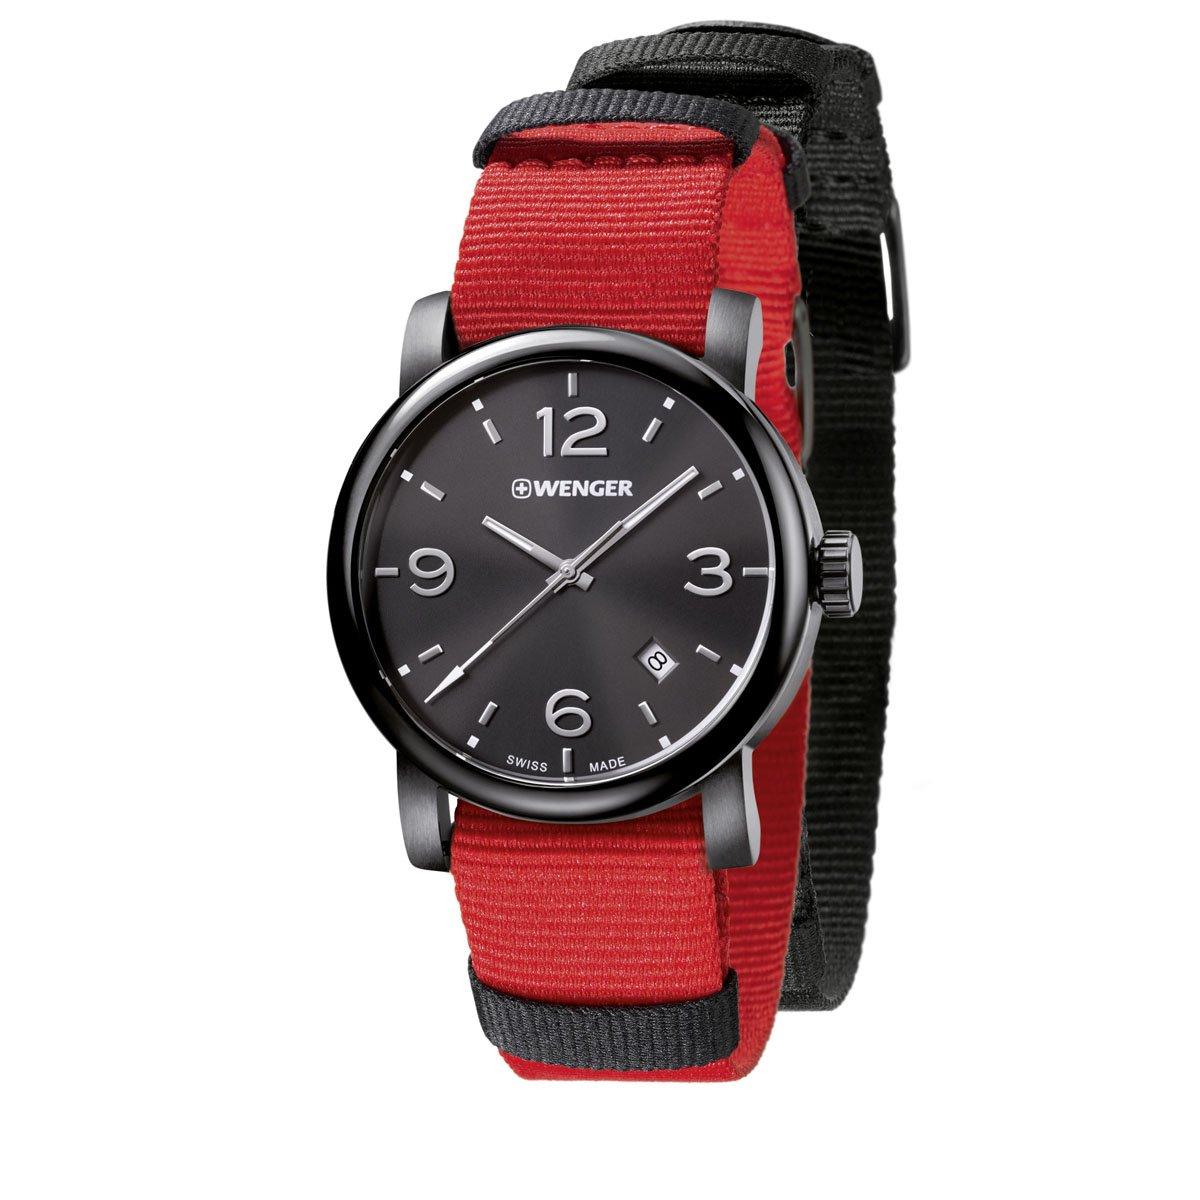 Reloj Urban Metropolitan Caballero Sears Com Mx Me